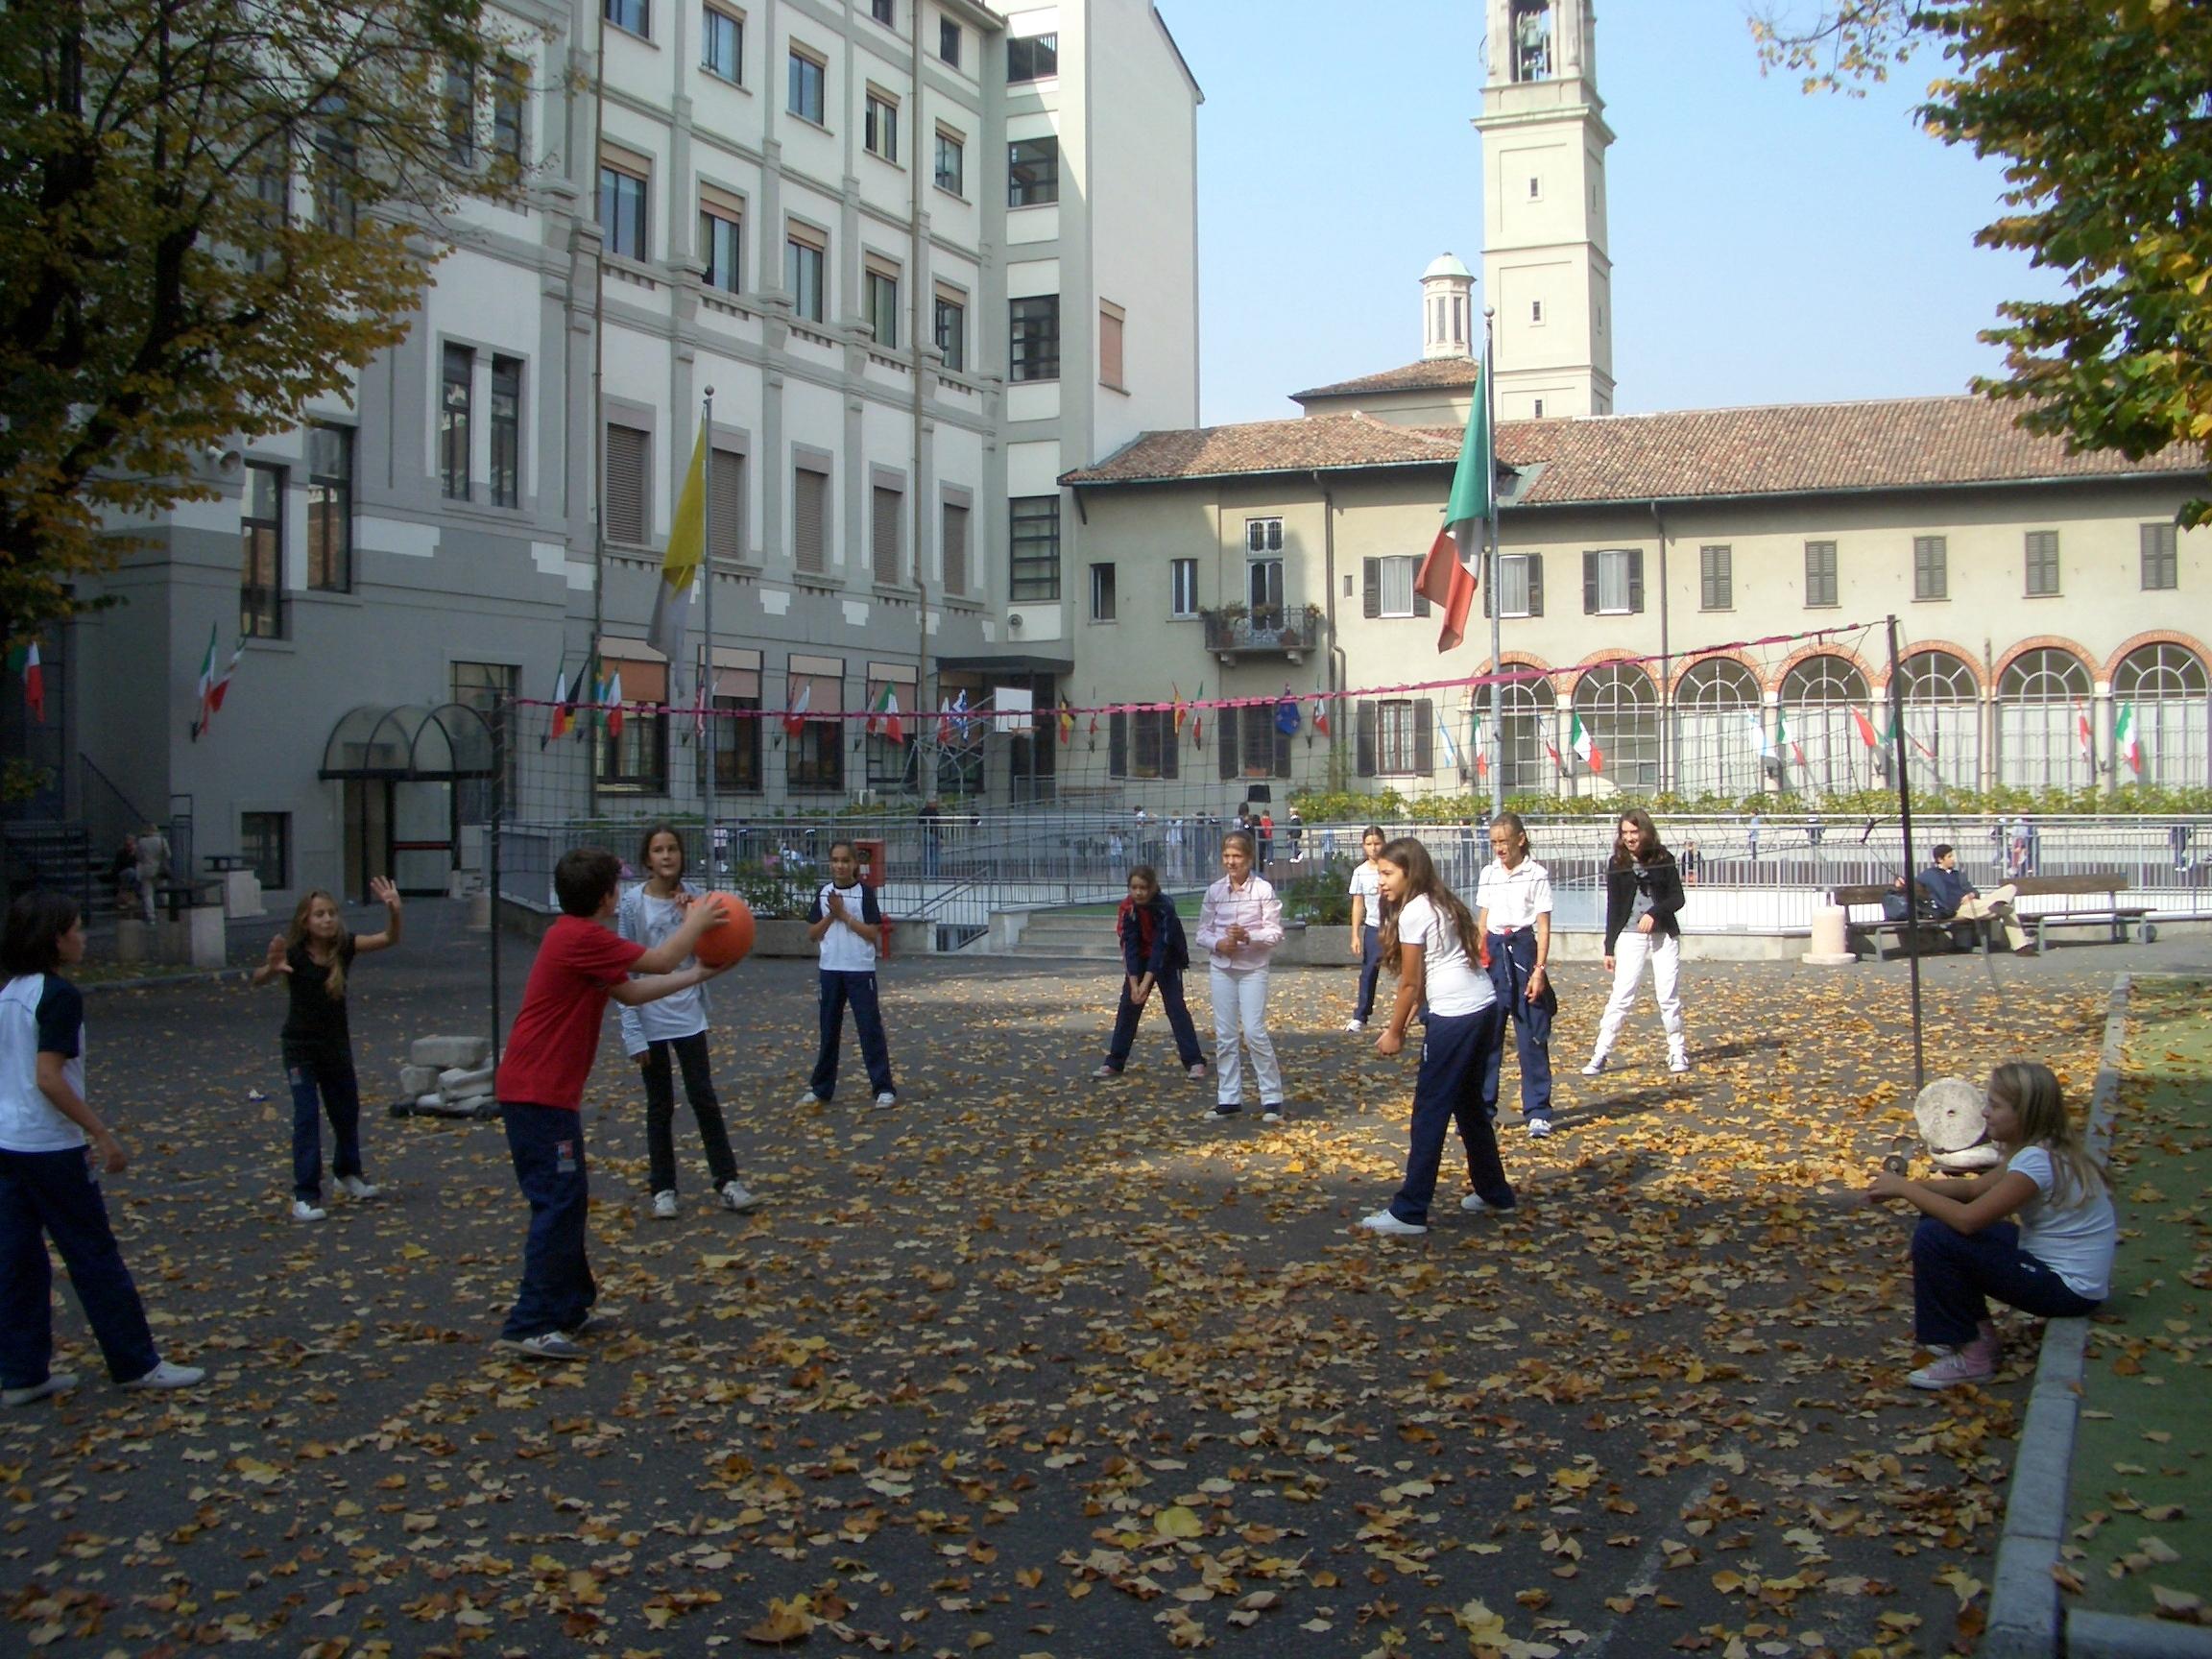 Istituto zaccaria di milano la storia for Istituto marangoni di milano